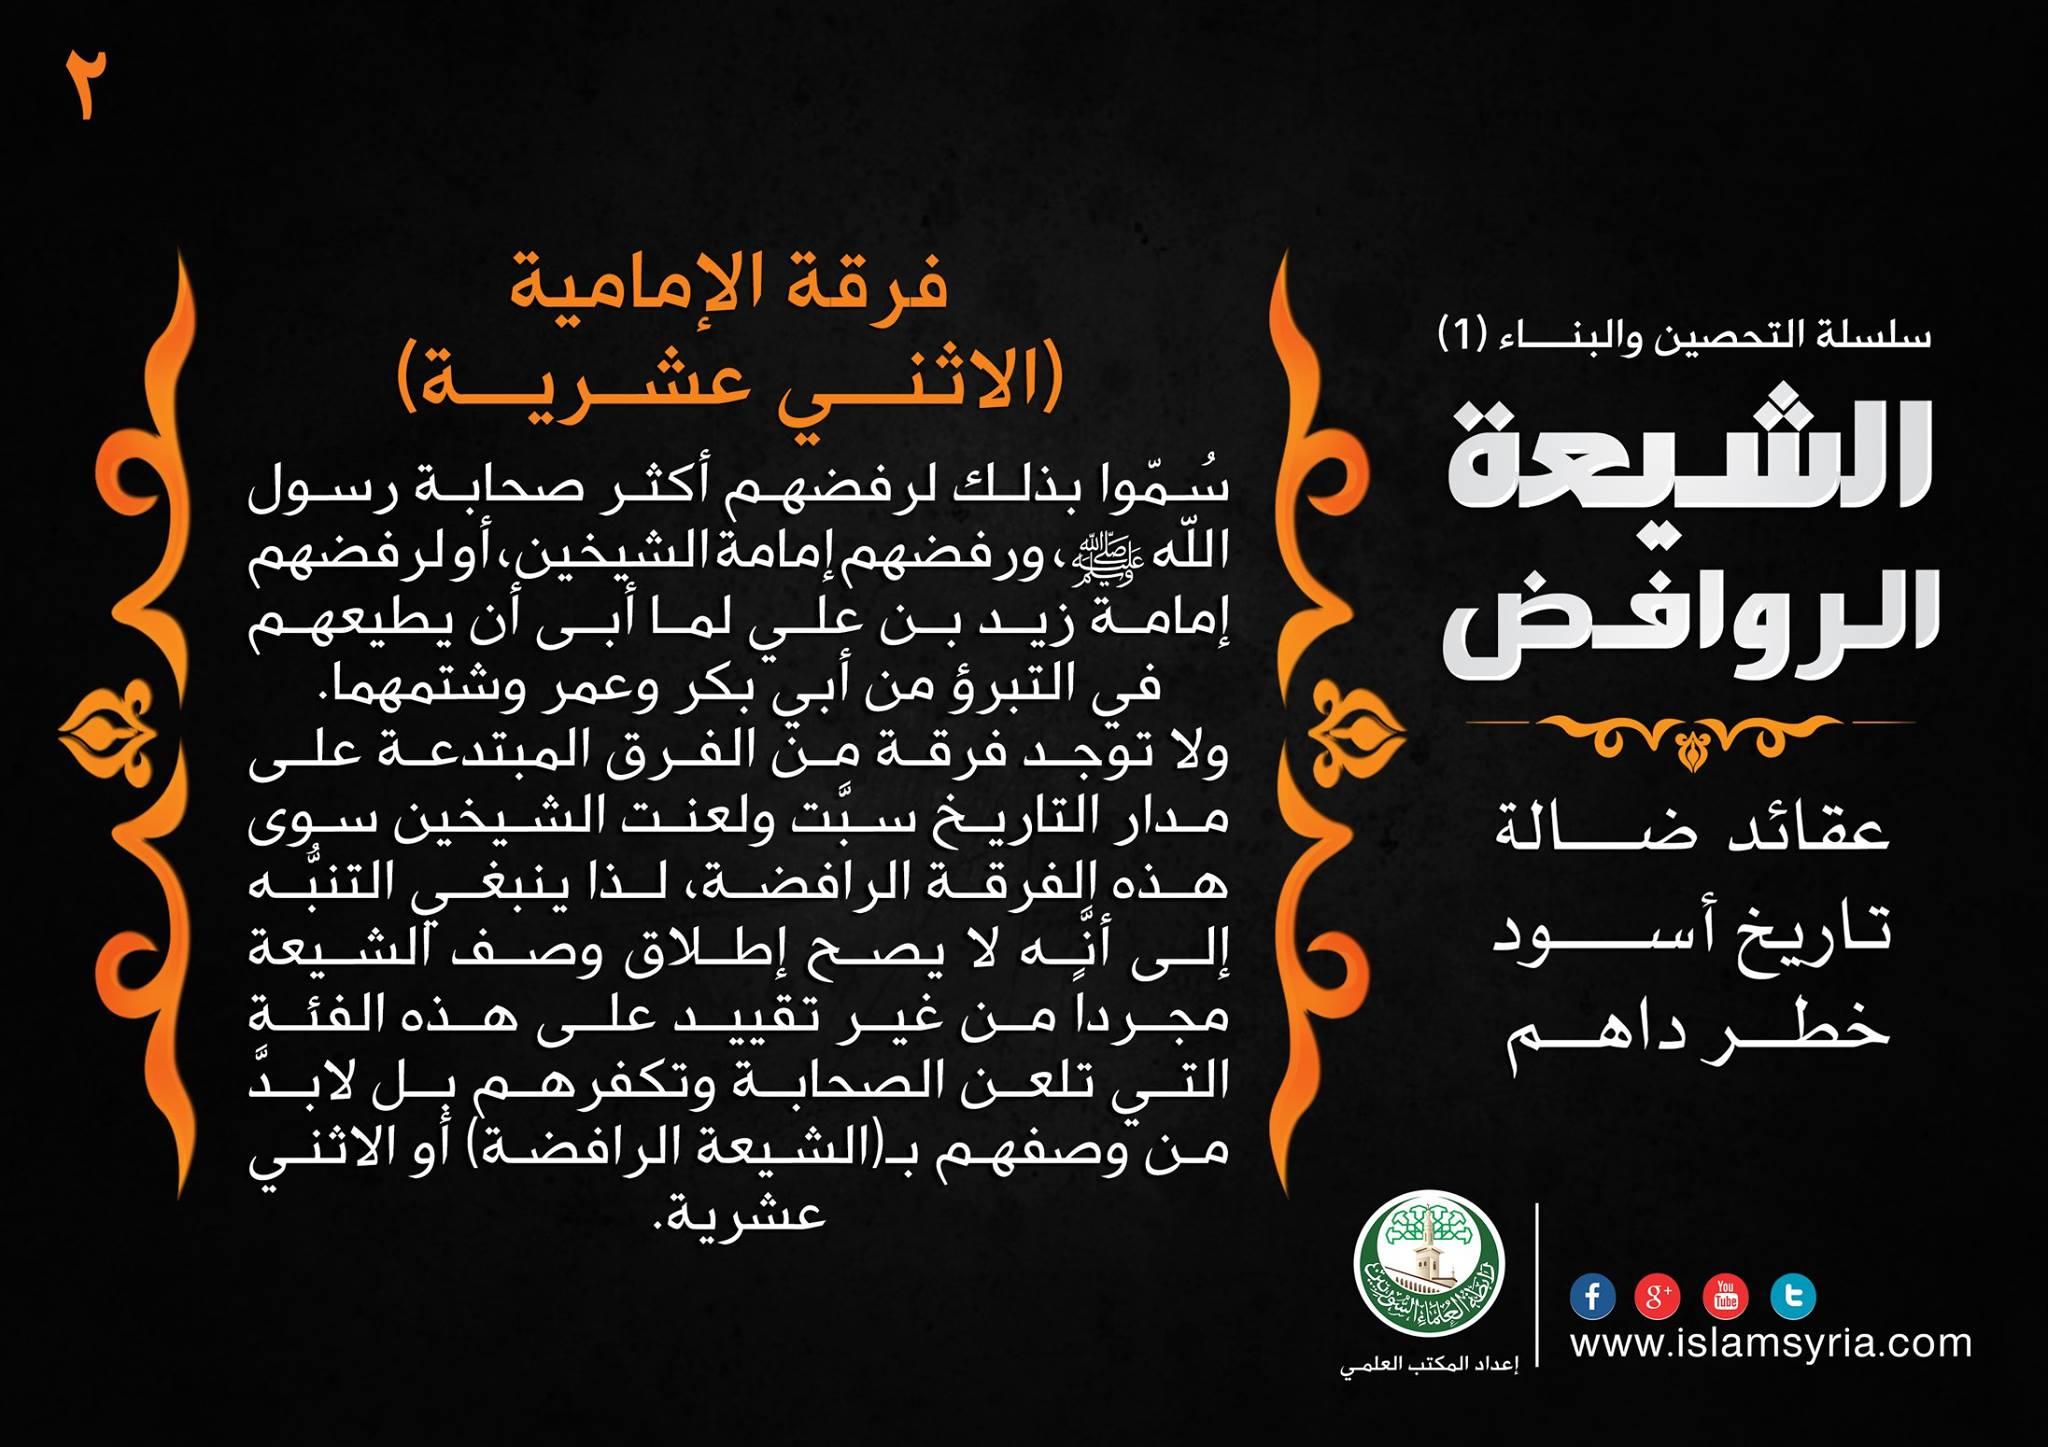 سلسلة التحصين والبناء -2- الشيعة الروافض